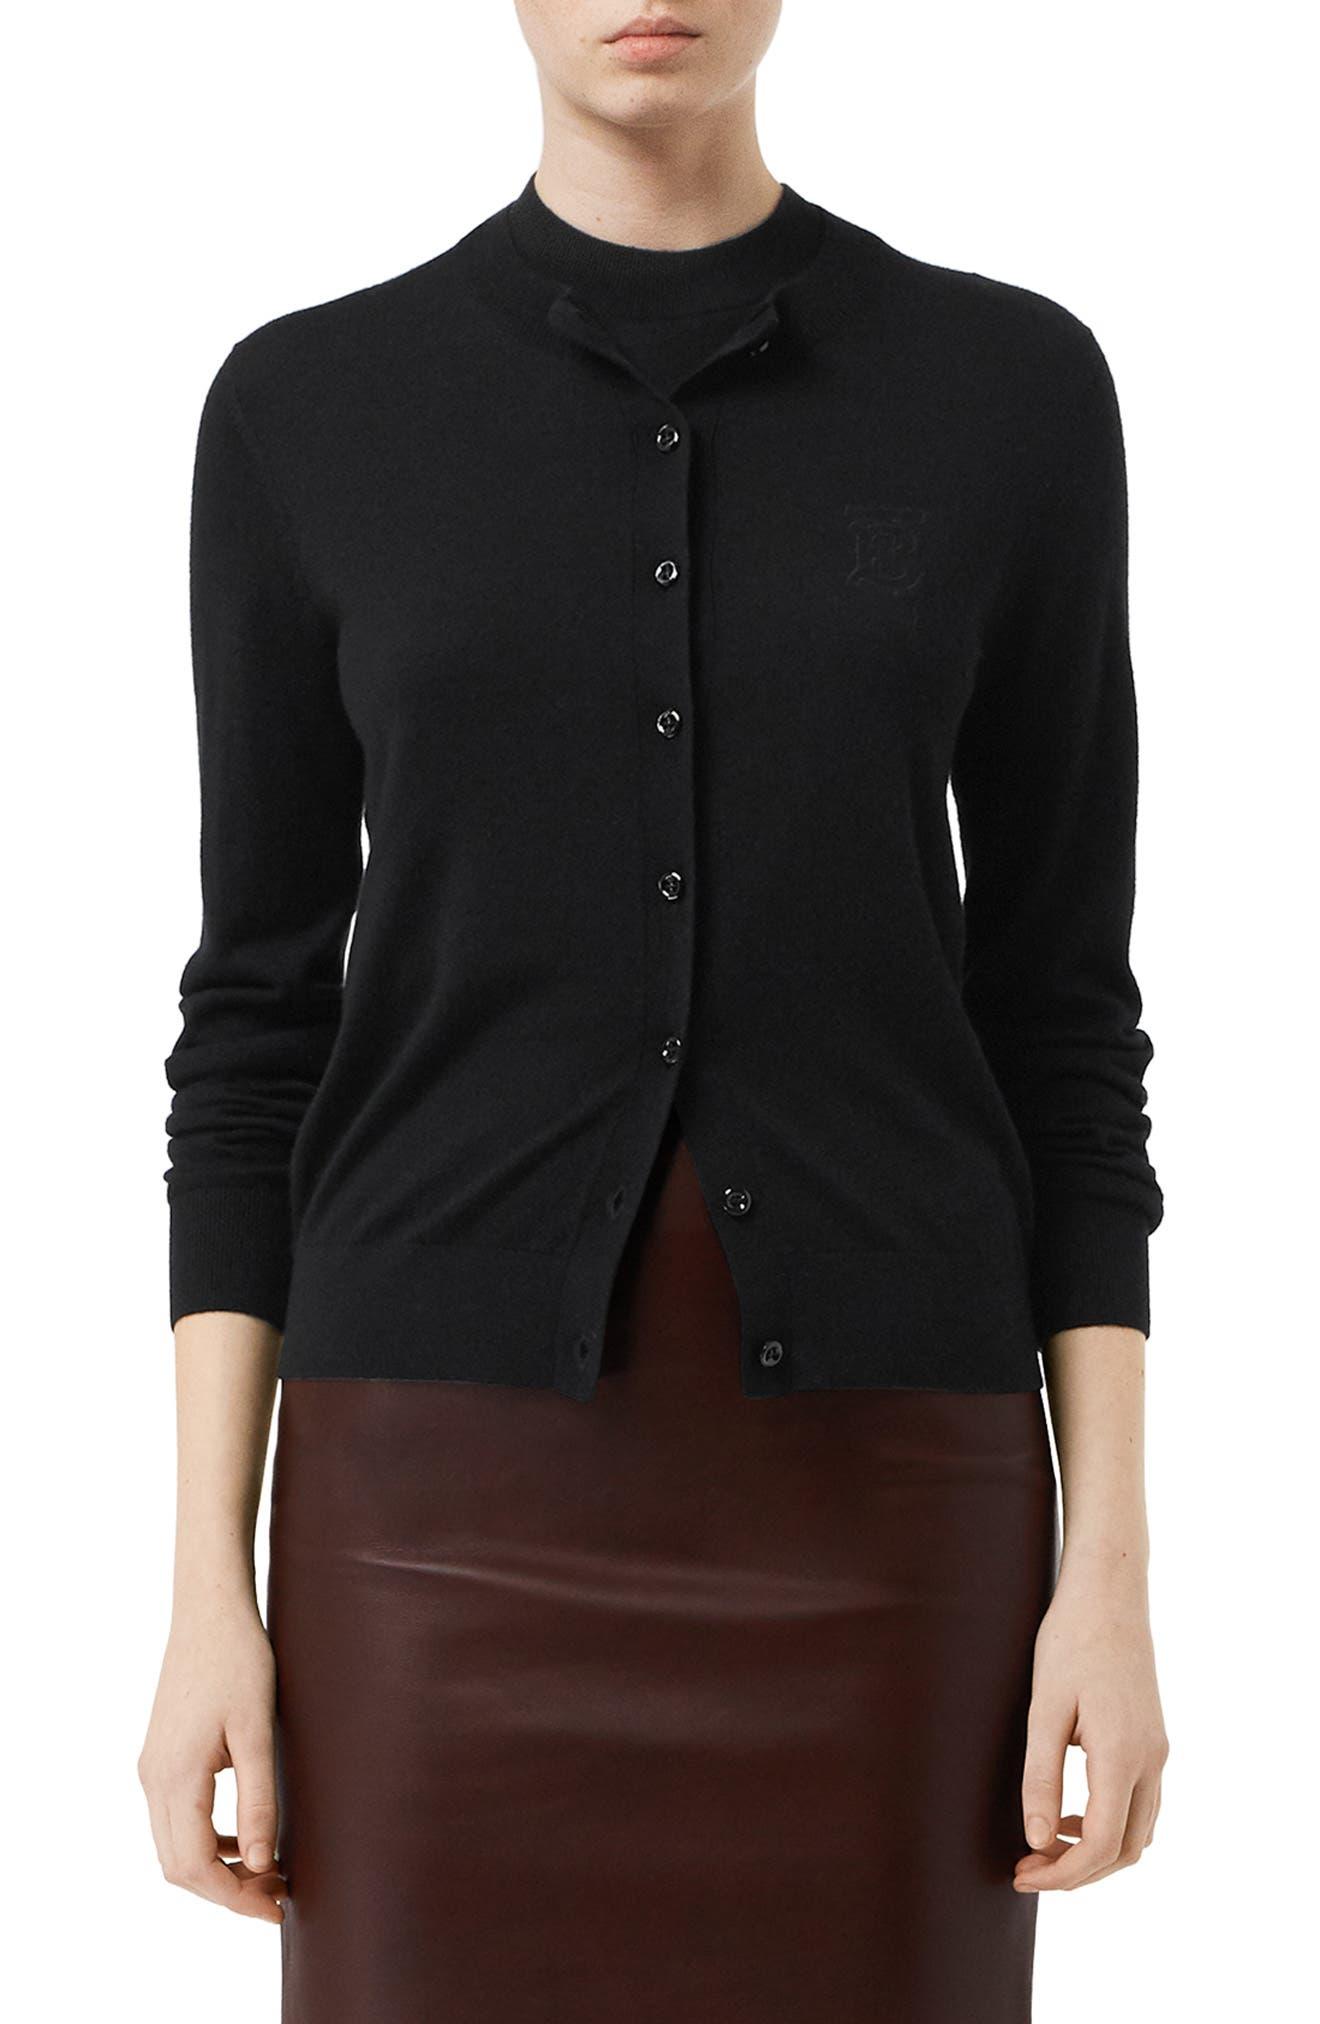 BURBERRY Monogram Logo Cashmere Cardigan, Main, color, BLACK